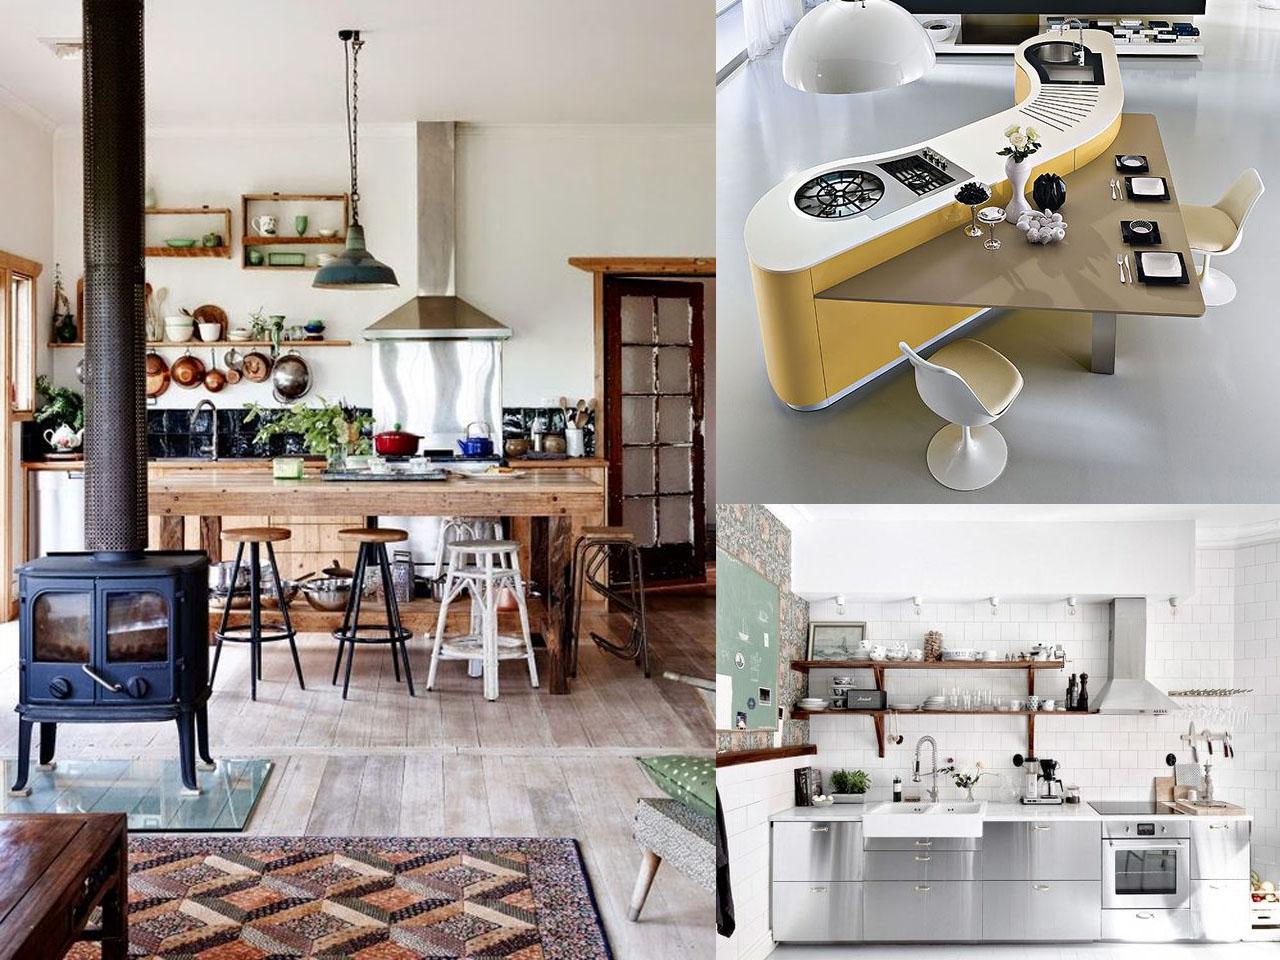 Tendencias cocinas 2017 el nuevo centro de tu hogar - Tendencias y decoracion ...